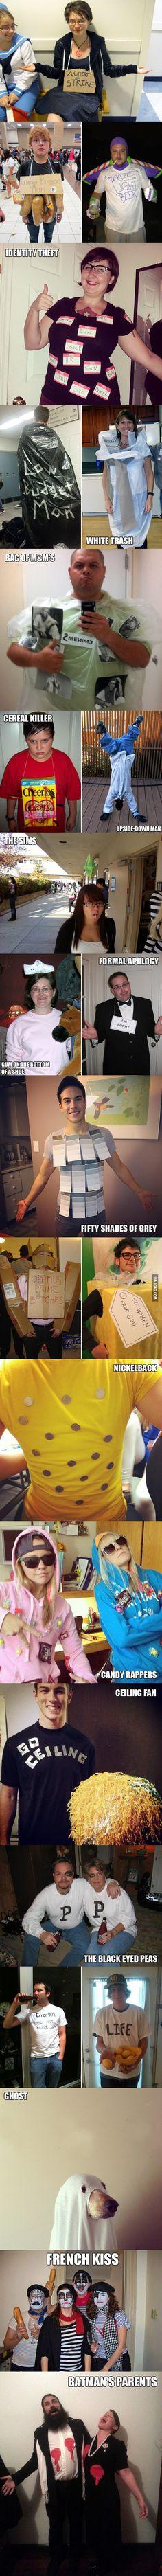 Last-minute Halloween costumes - 9GAG